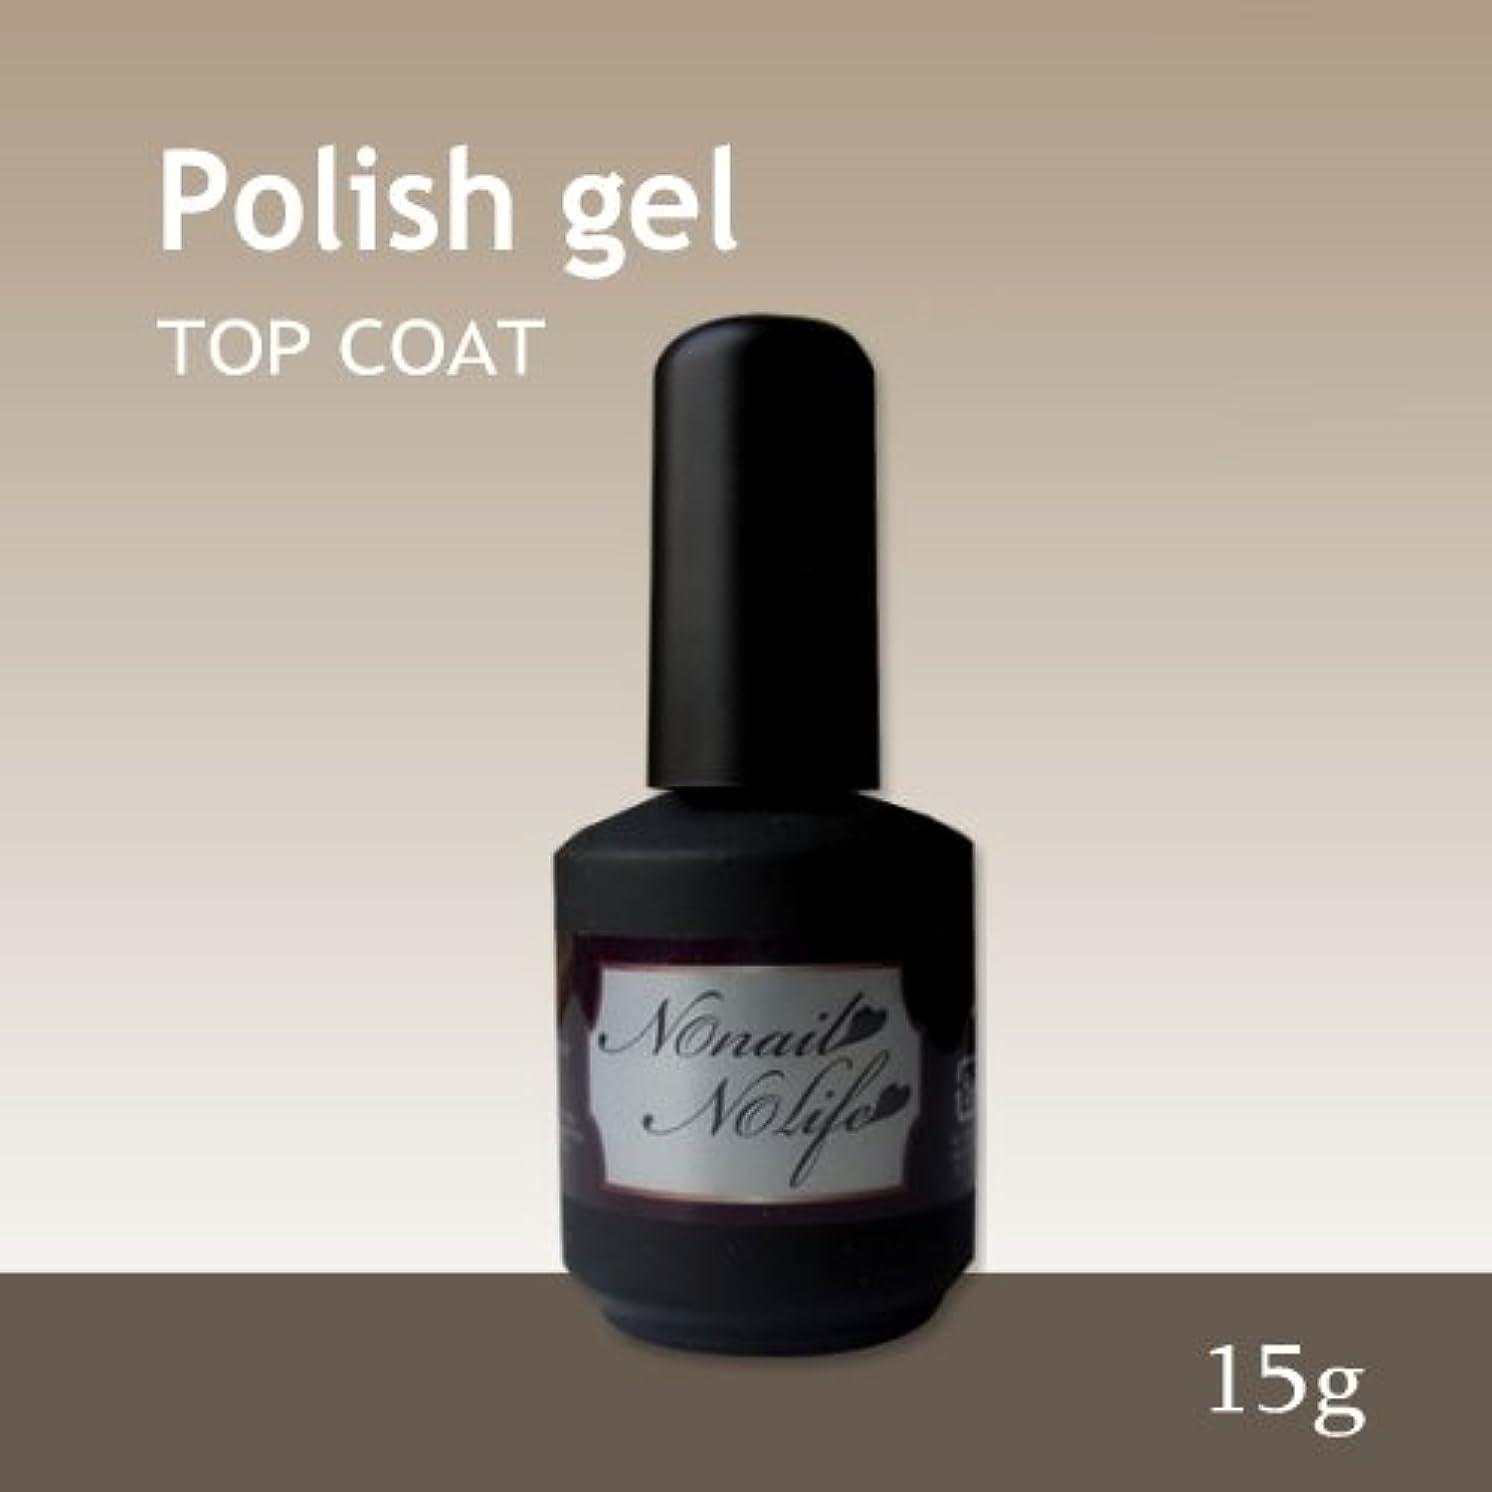 オフェンスアフリカ祖母ジェルネイル《爪に優しいトップコートジェル》Natural Polish ポリッシュトップジェル(15g)